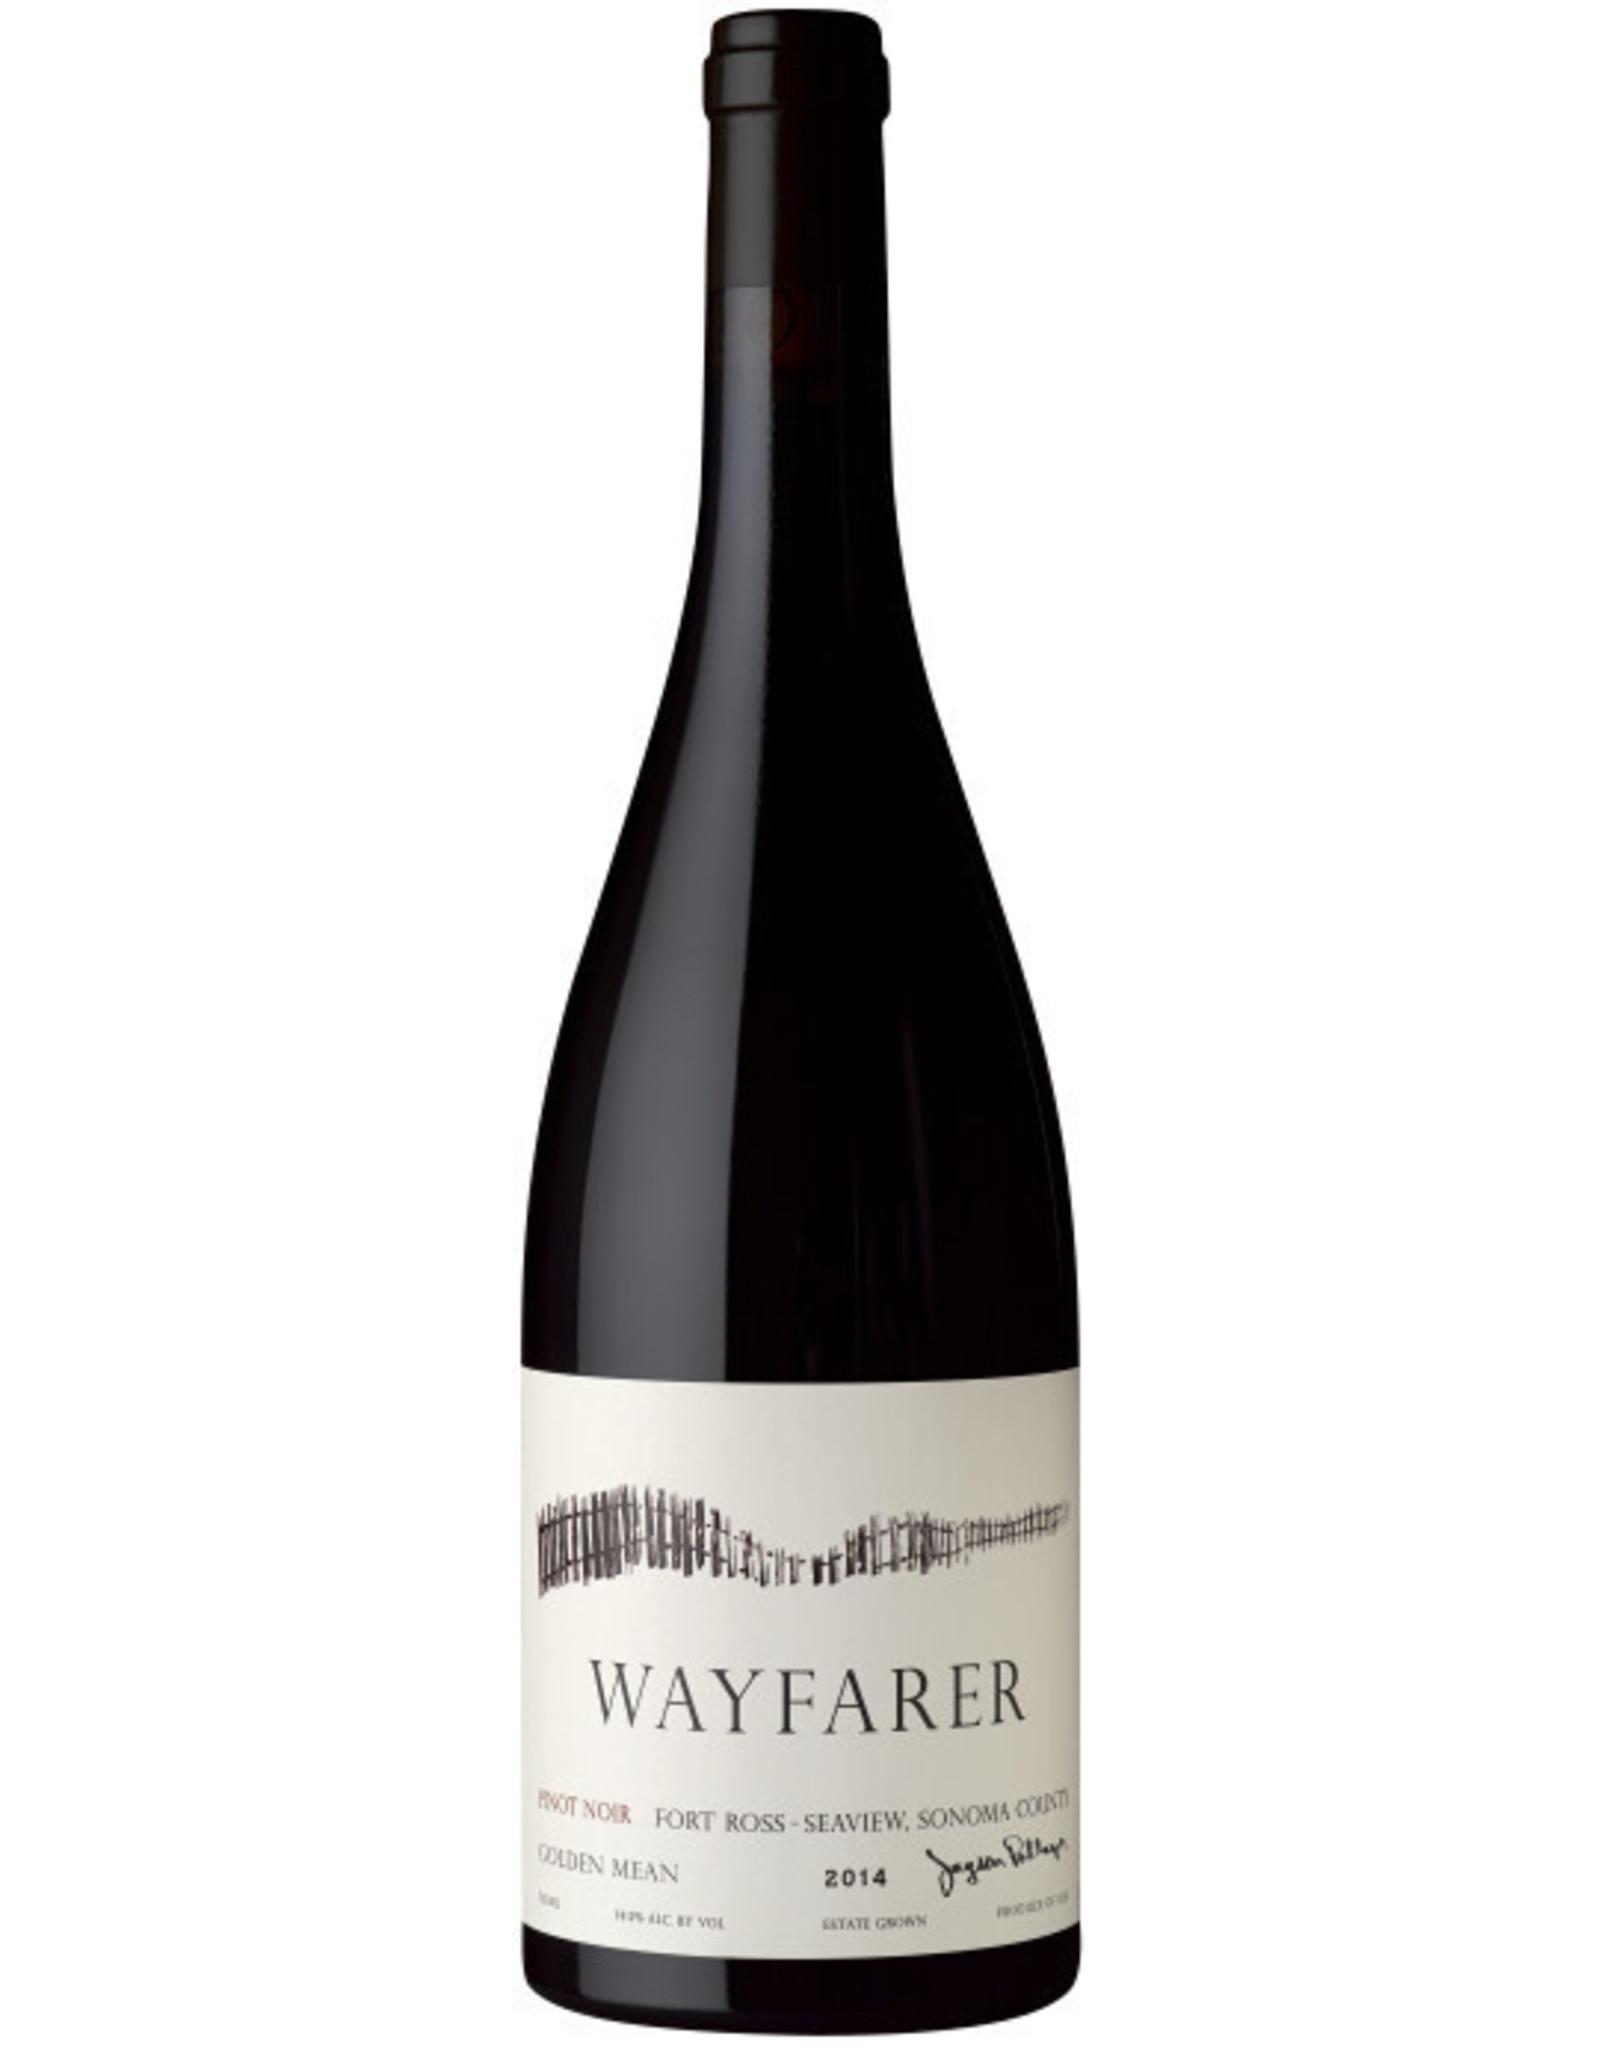 Wayfarer 'Golden Mean' Pinot Noir, Fort-Ross Seaview 2014